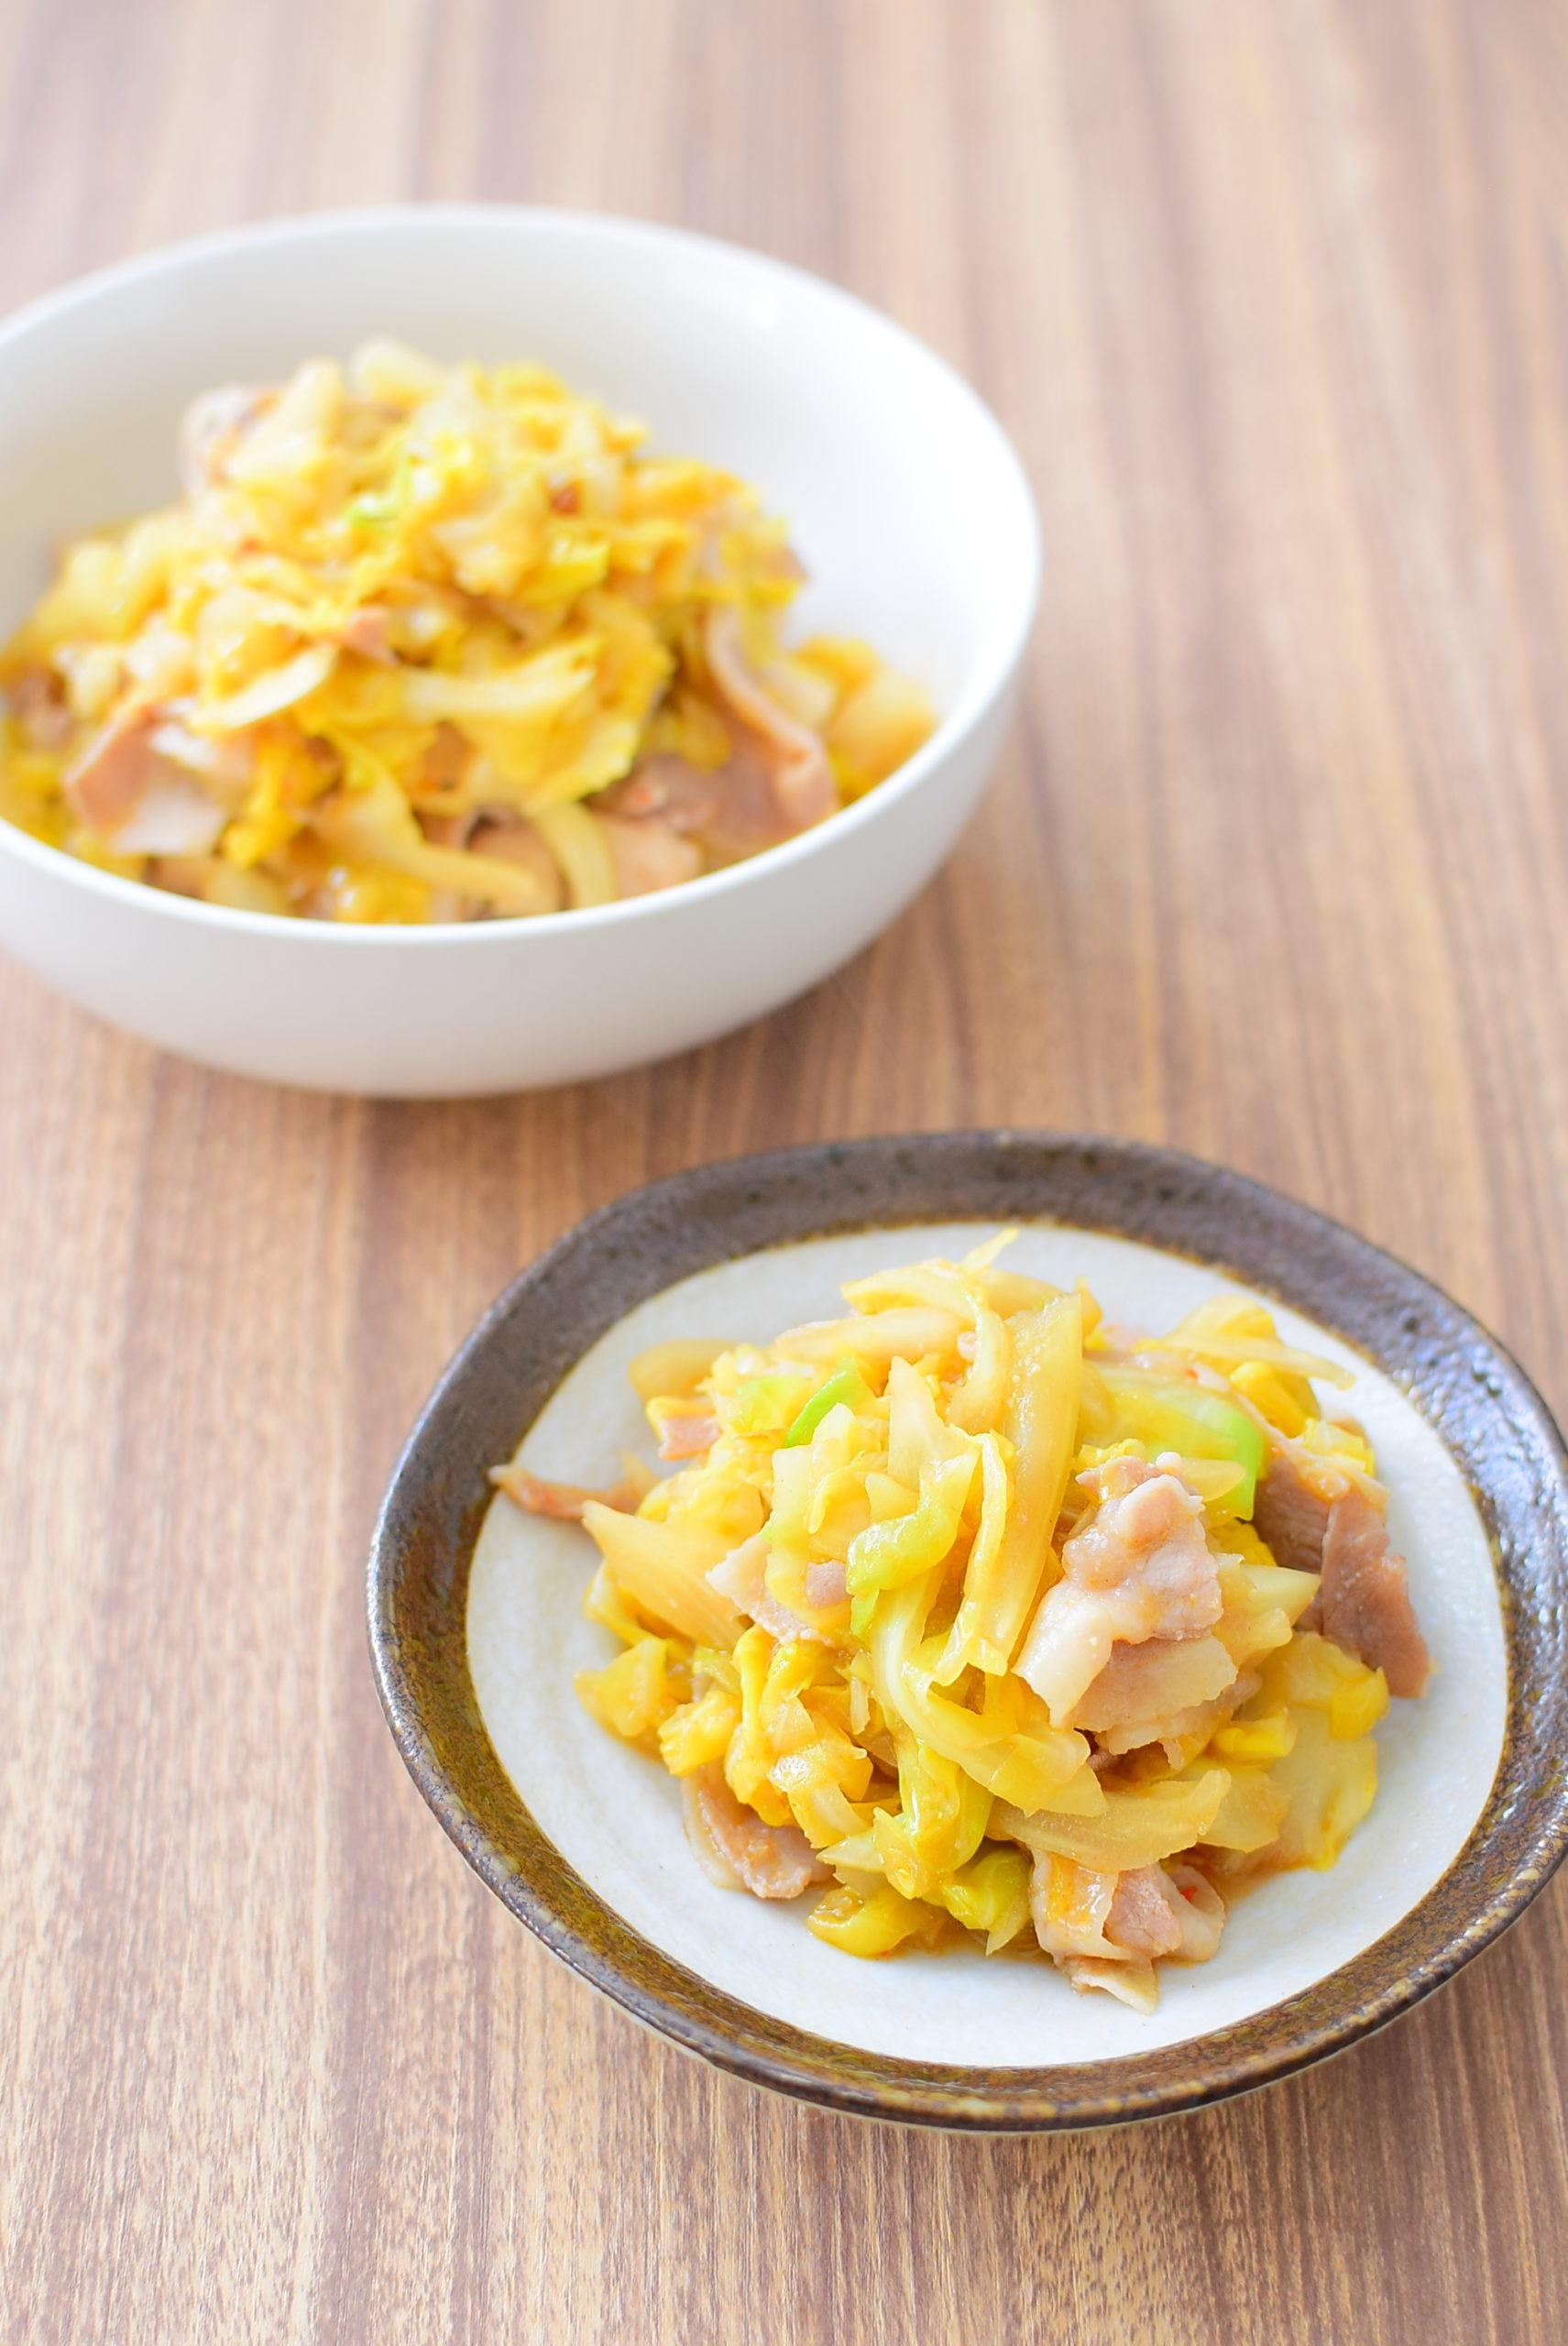 しんなりキャベツと豚バラのピリ辛みそ炒めのレシピの写真